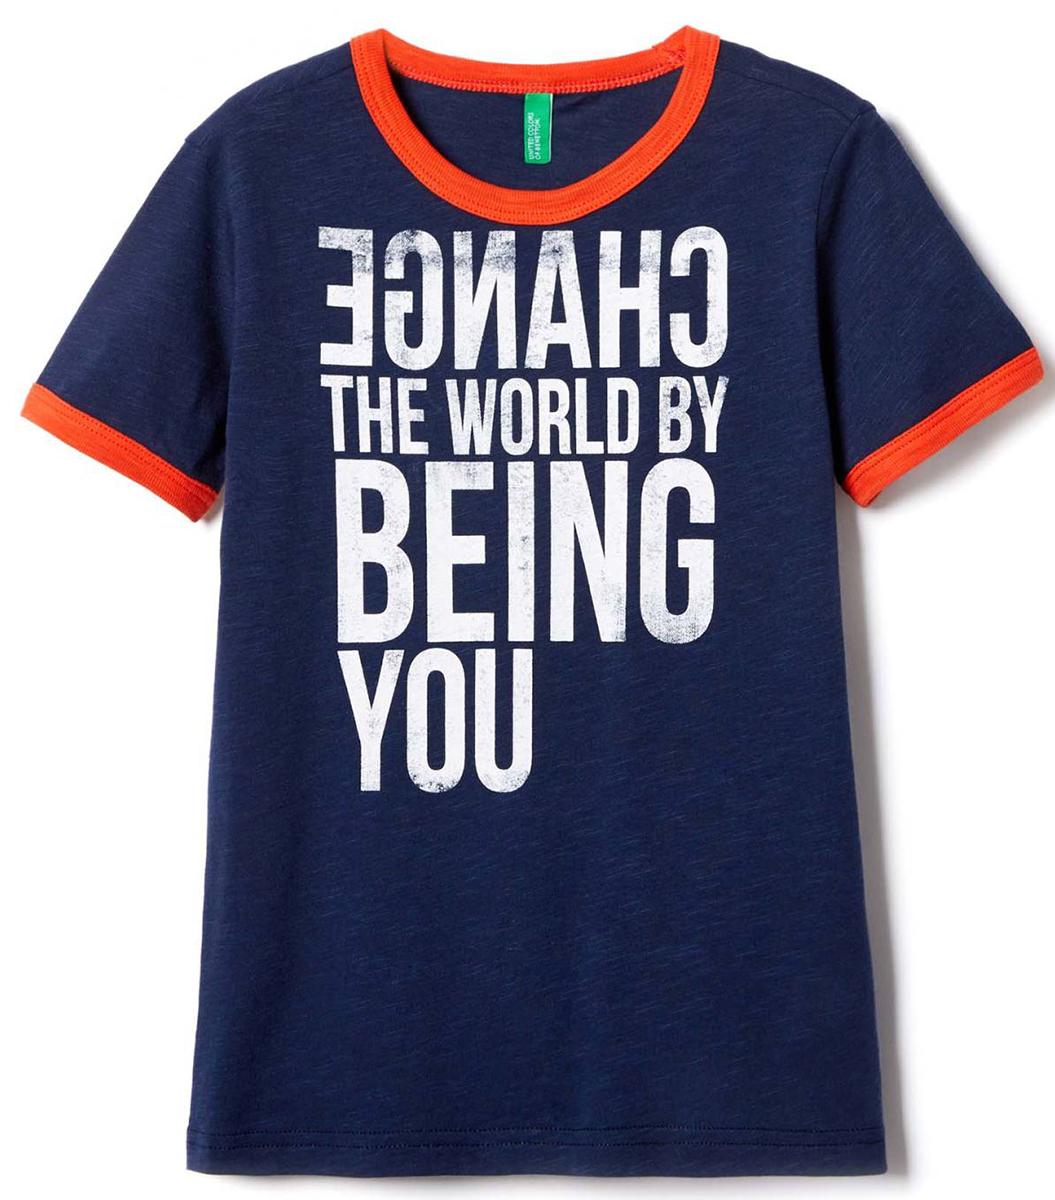 Футболка для мальчика United Colors of Benetton, цвет: синий. 3Z01C138T_13C. Размер 1303Z01C138T_13CФутболка для мальчика United Colors of Benetton выполнена из натурального хлопка. Модель с круглым вырезом горловины и короткими рукавами.